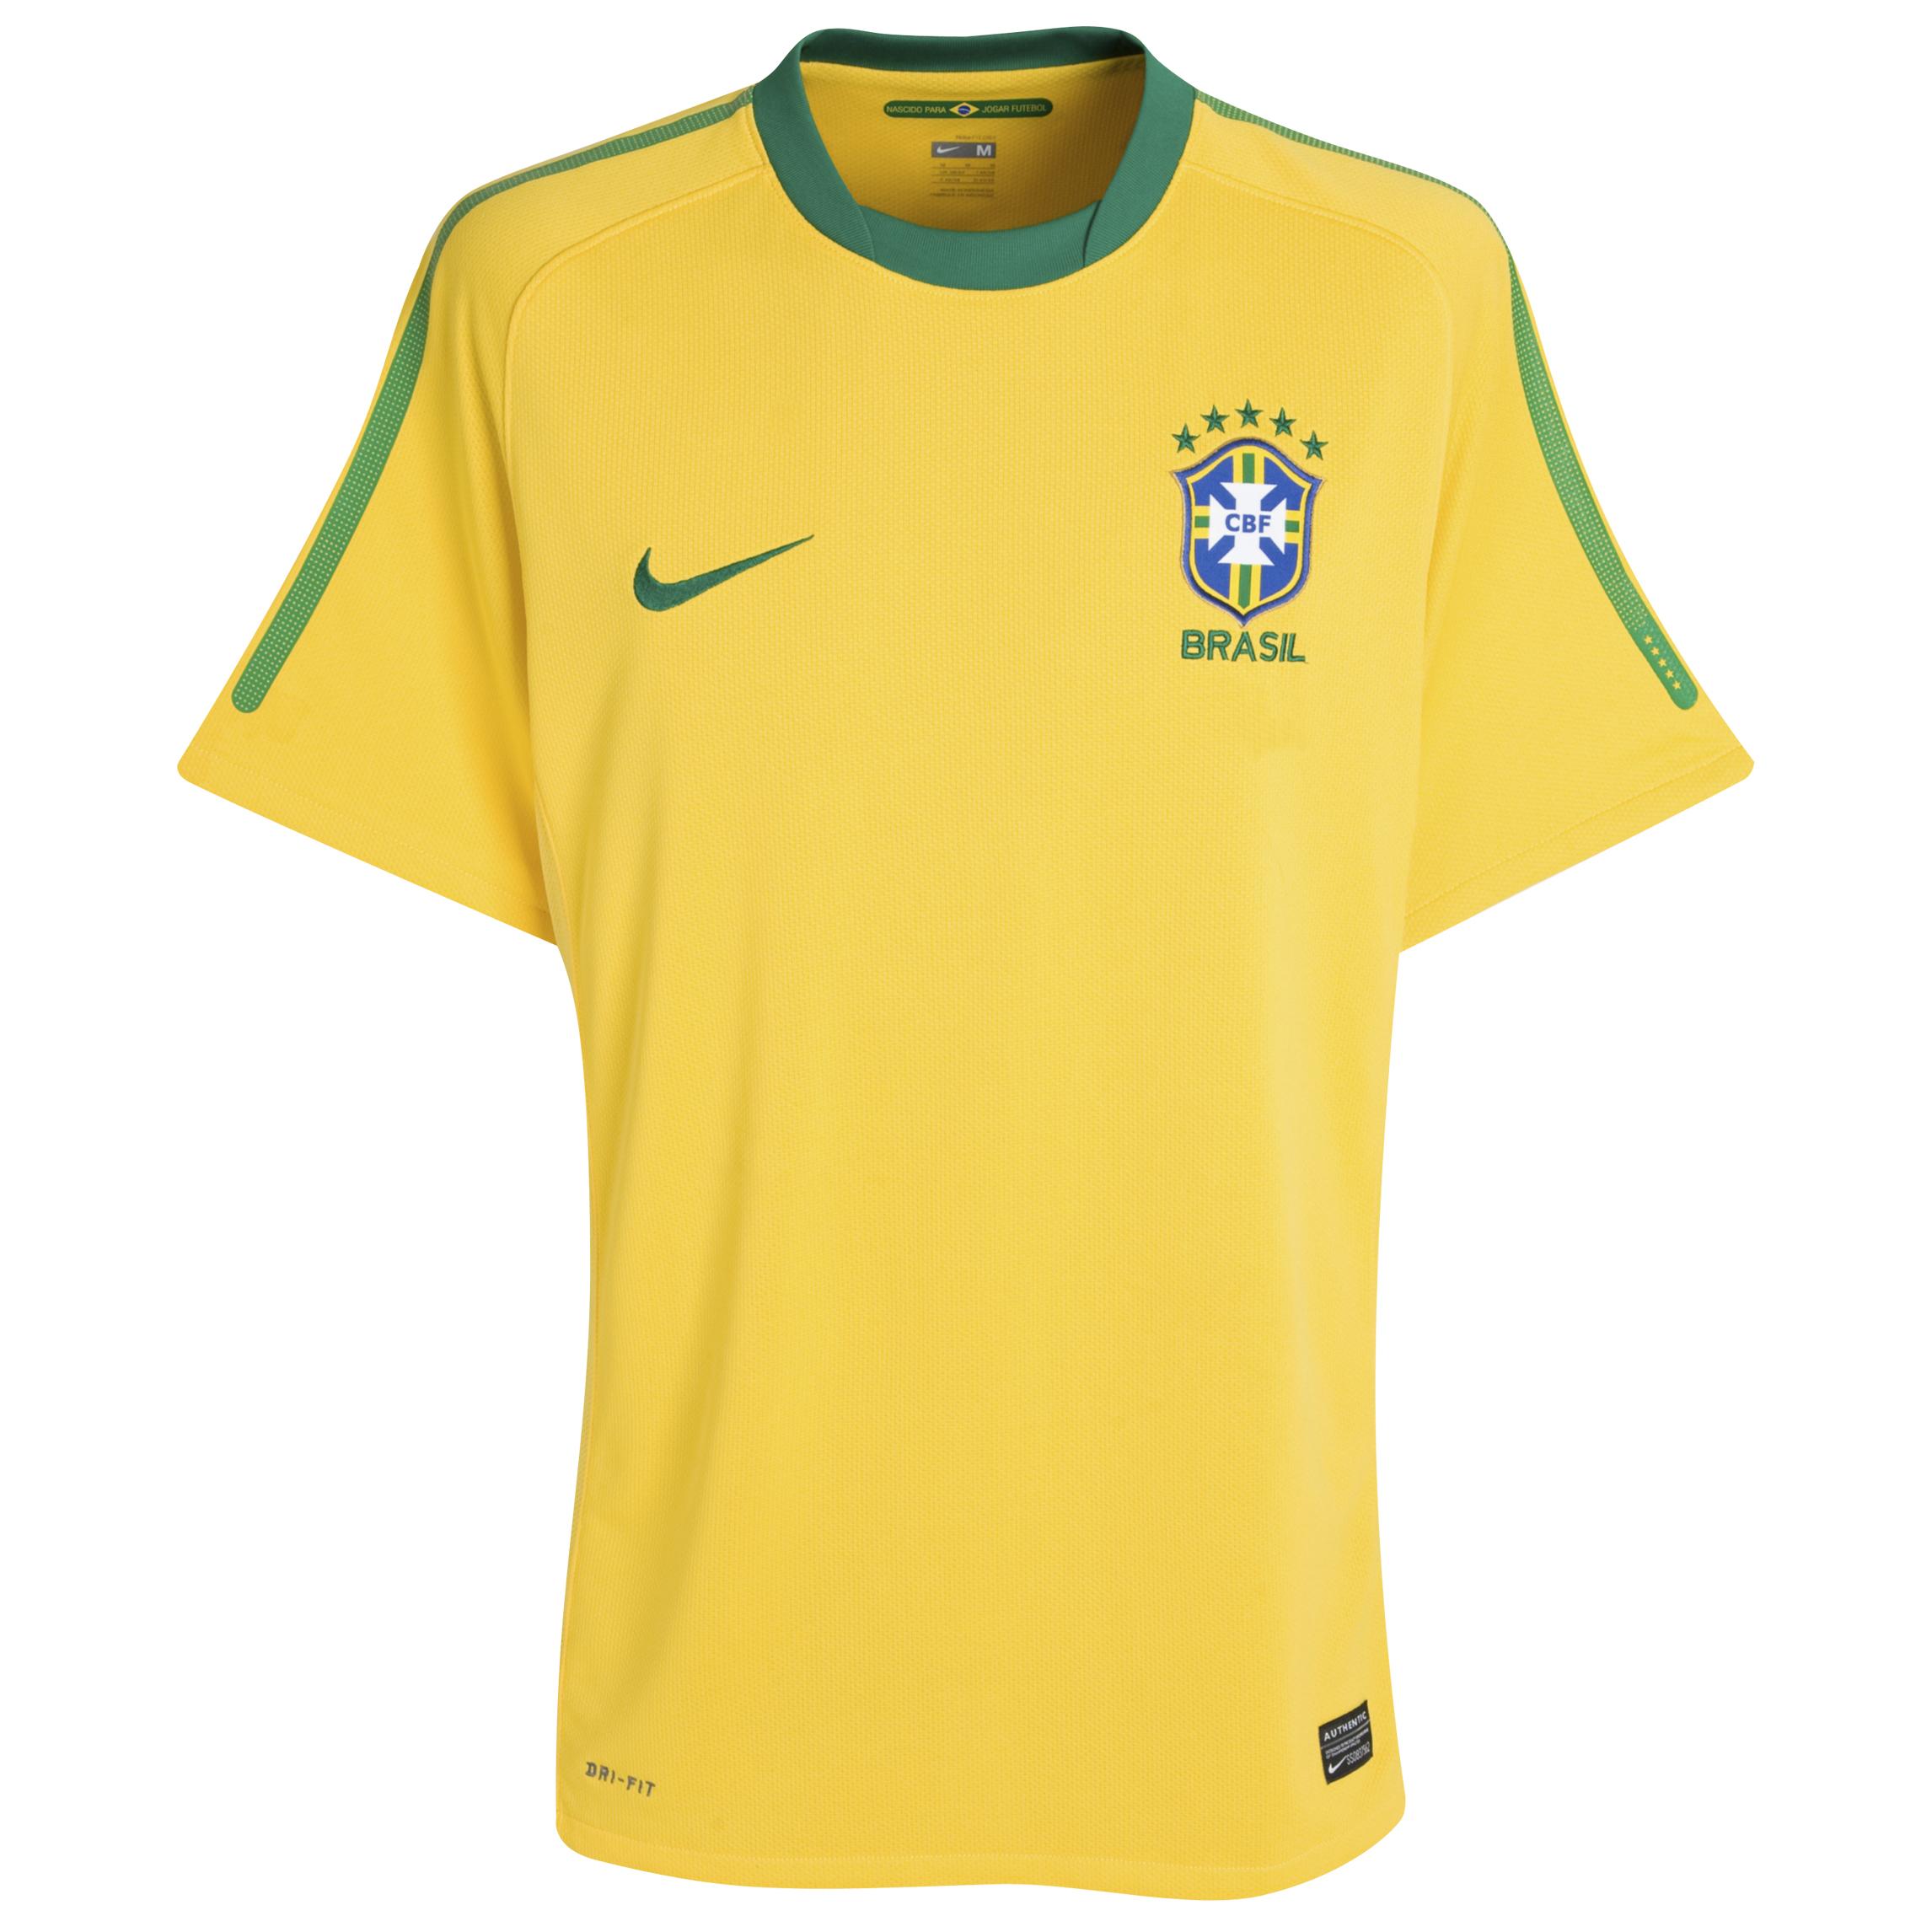 الملابس الخاصة بالمنتخبات العالم (جنوب أفريقيا 2010) kb-65865.jpg?width=3